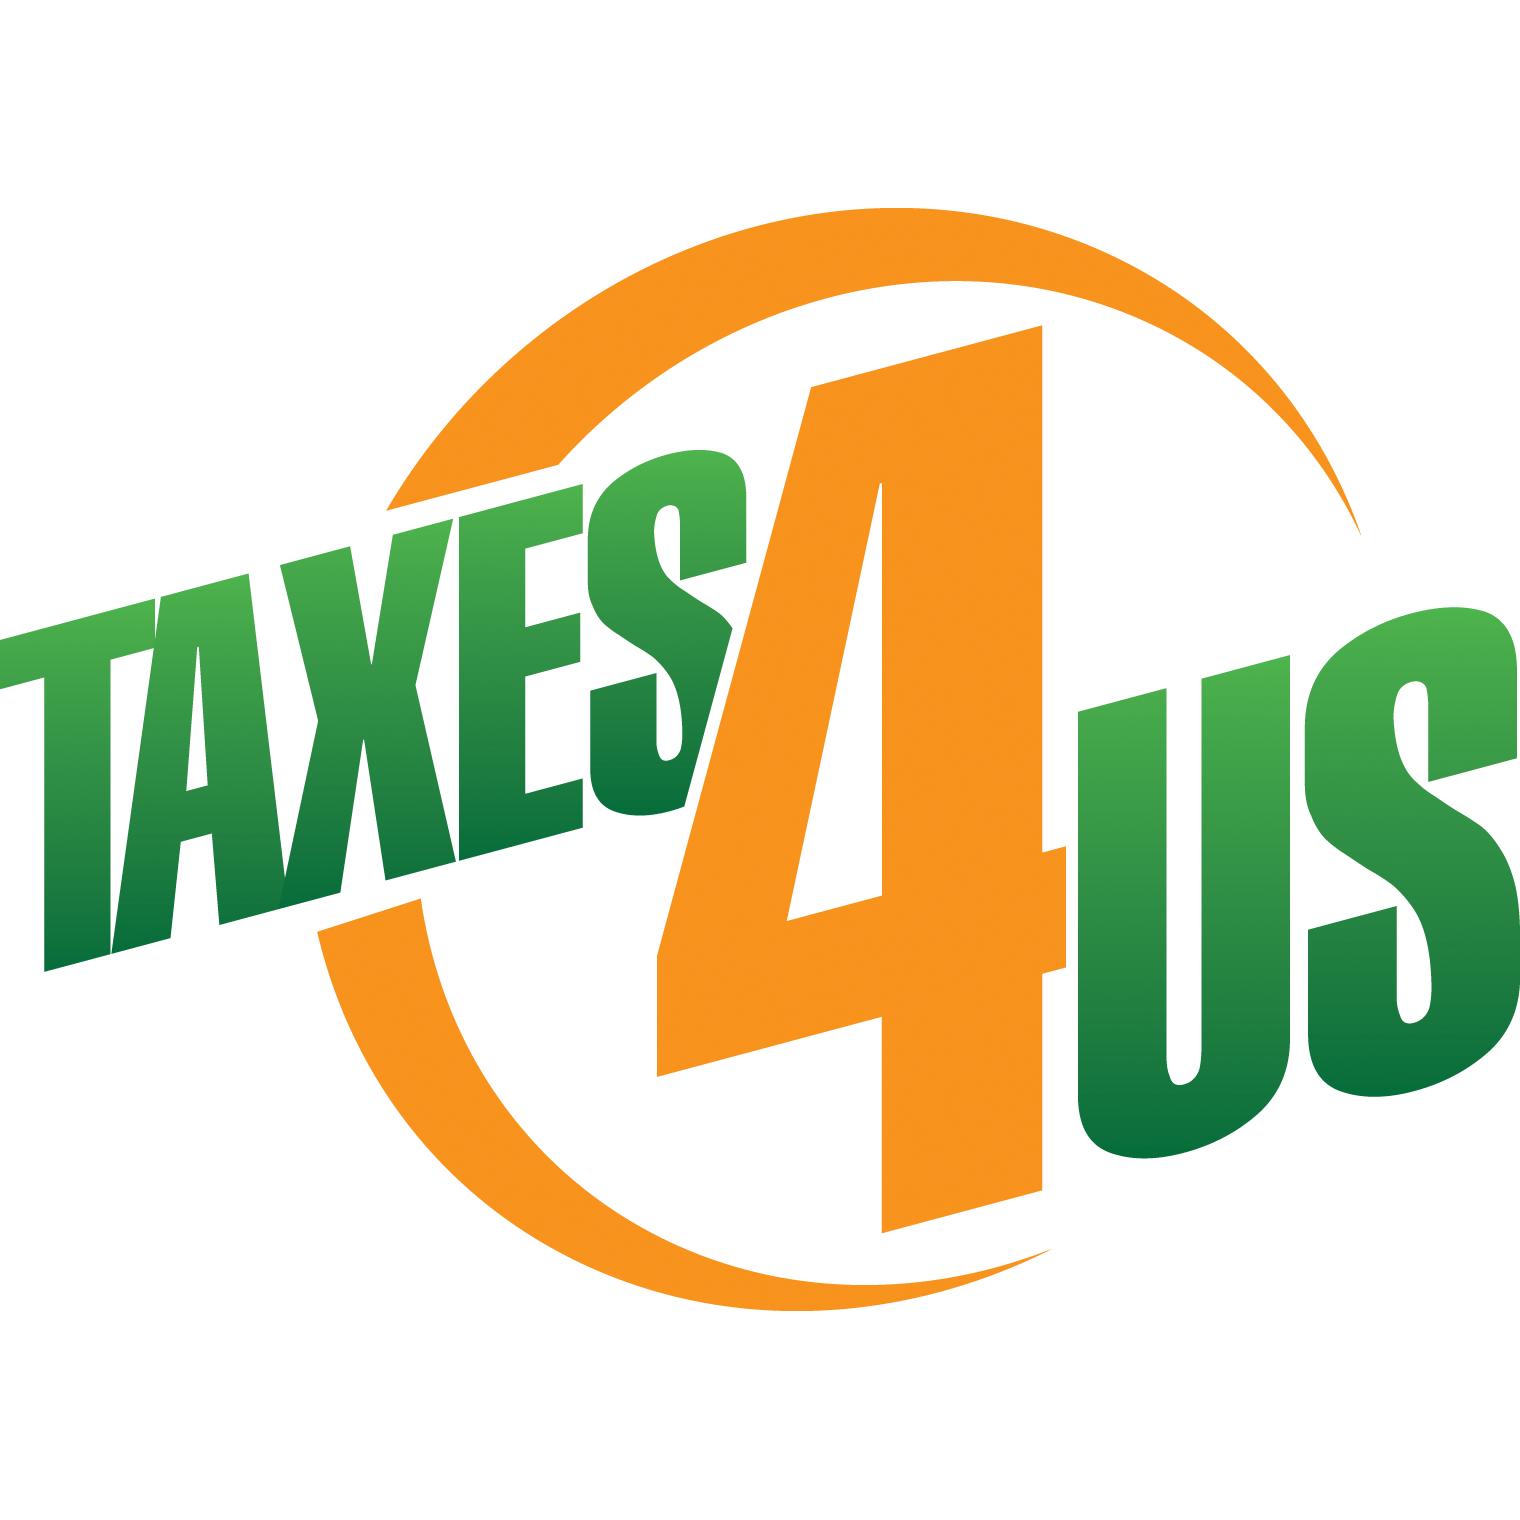 Taxes 4 Us